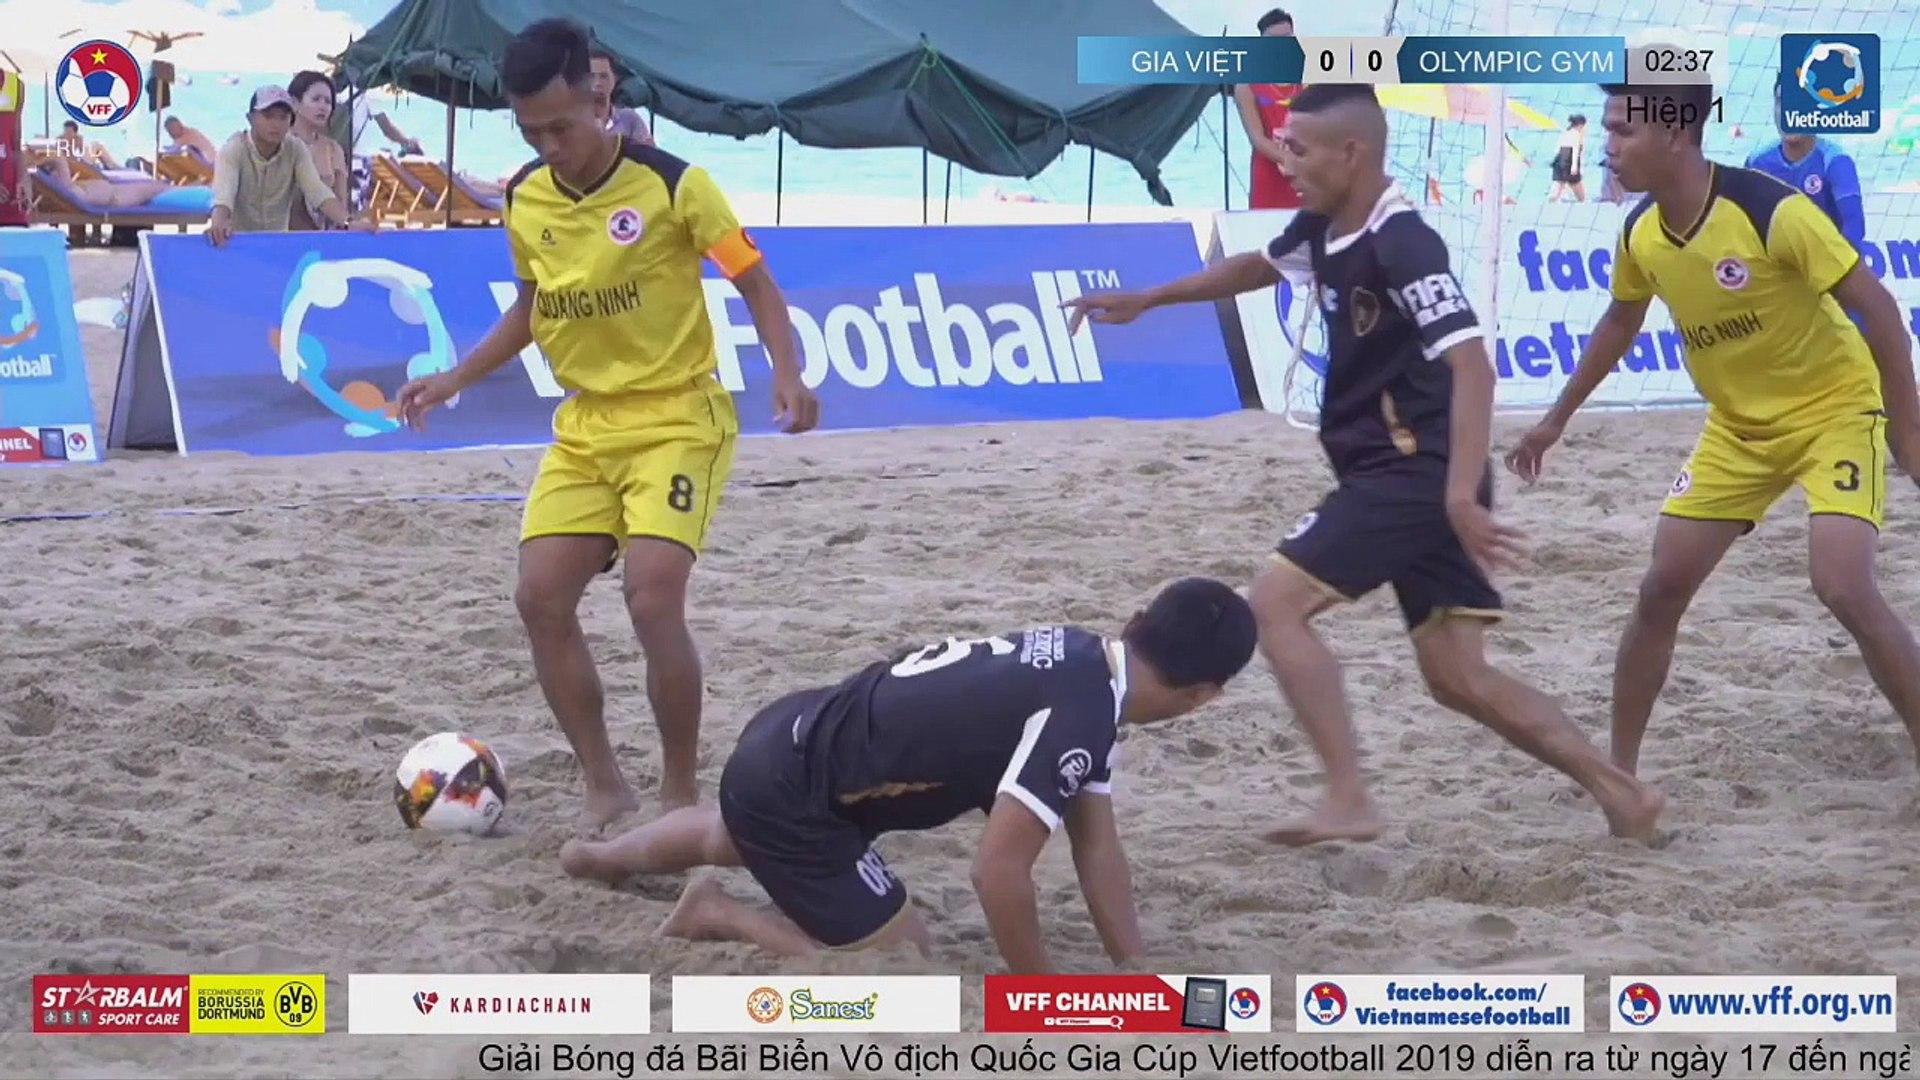 Trực tiếp | Trận tranh hạng 3 | Gia Việt - Olympic GYM | VFF Channel